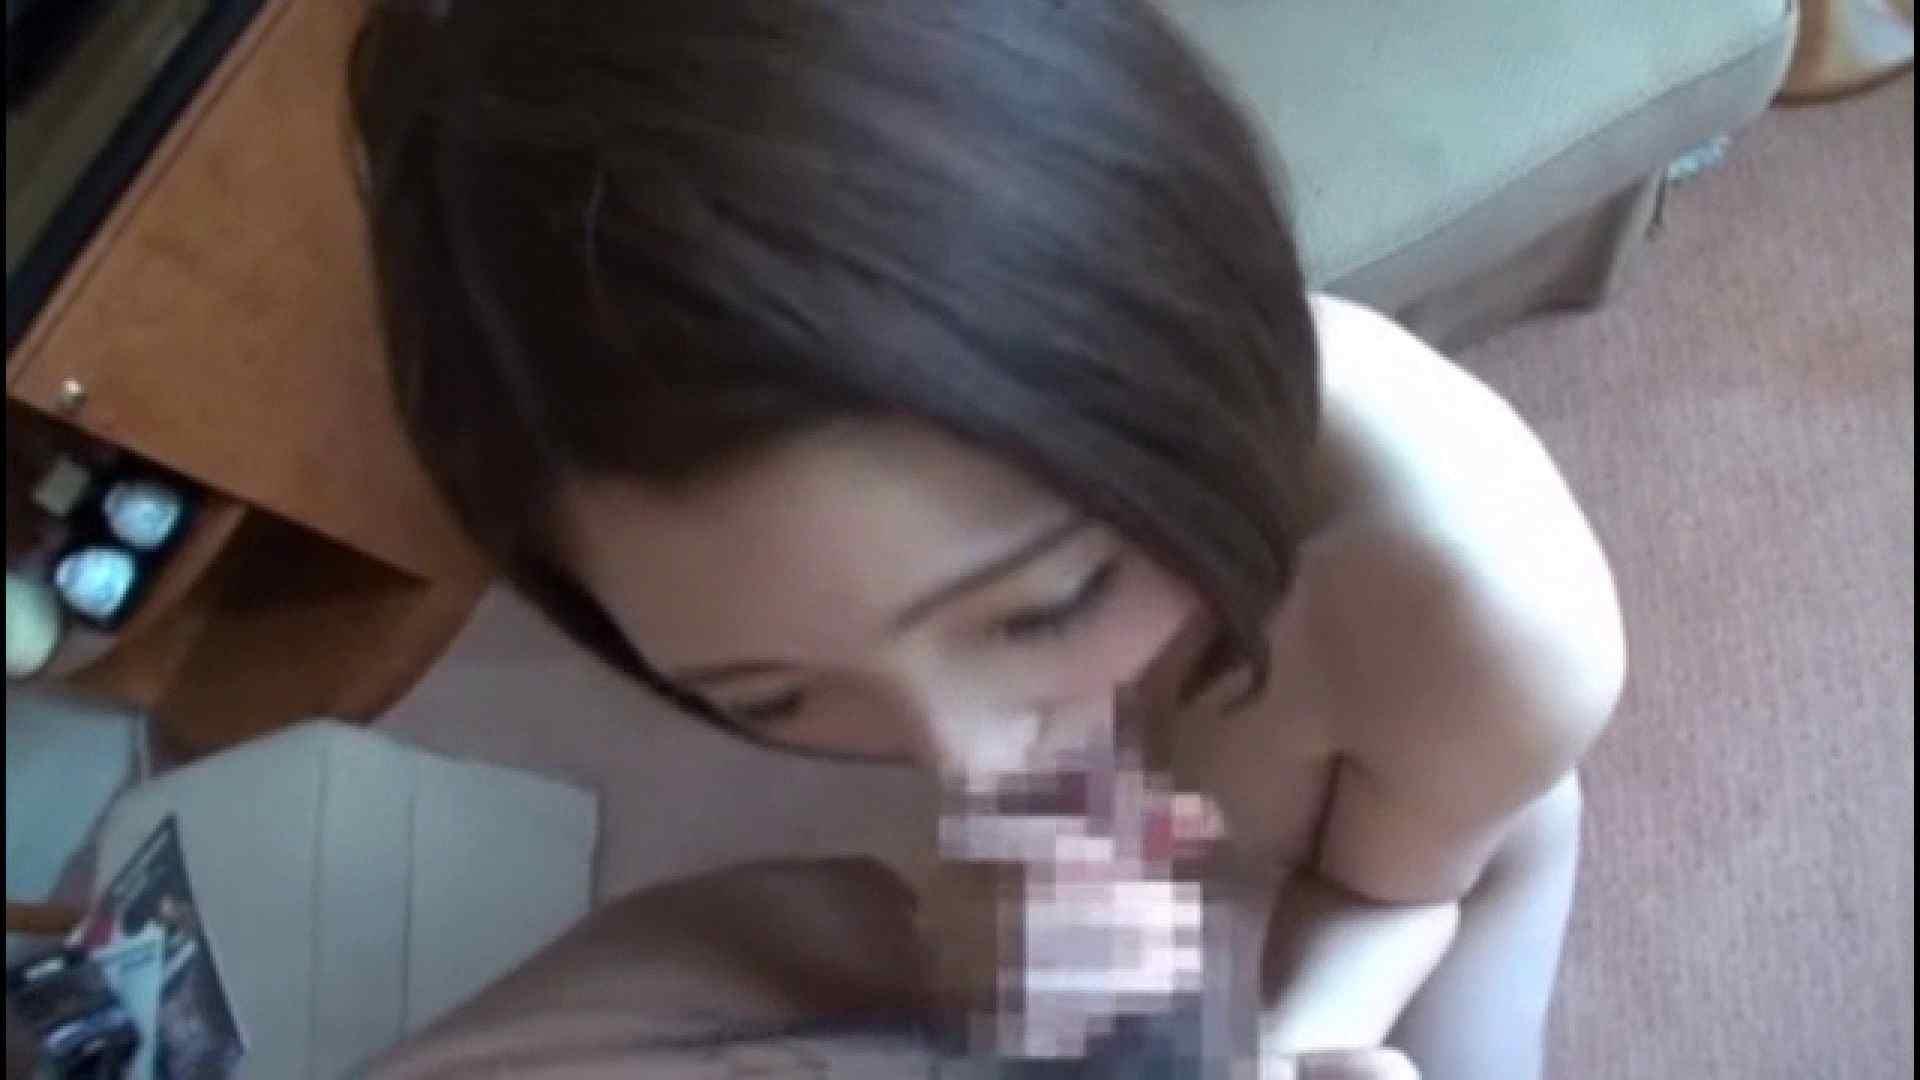 おしえてギャル子のH塾 Vol.45後編 ギャルのエロ動画 ワレメ無修正動画無料 94pic 11